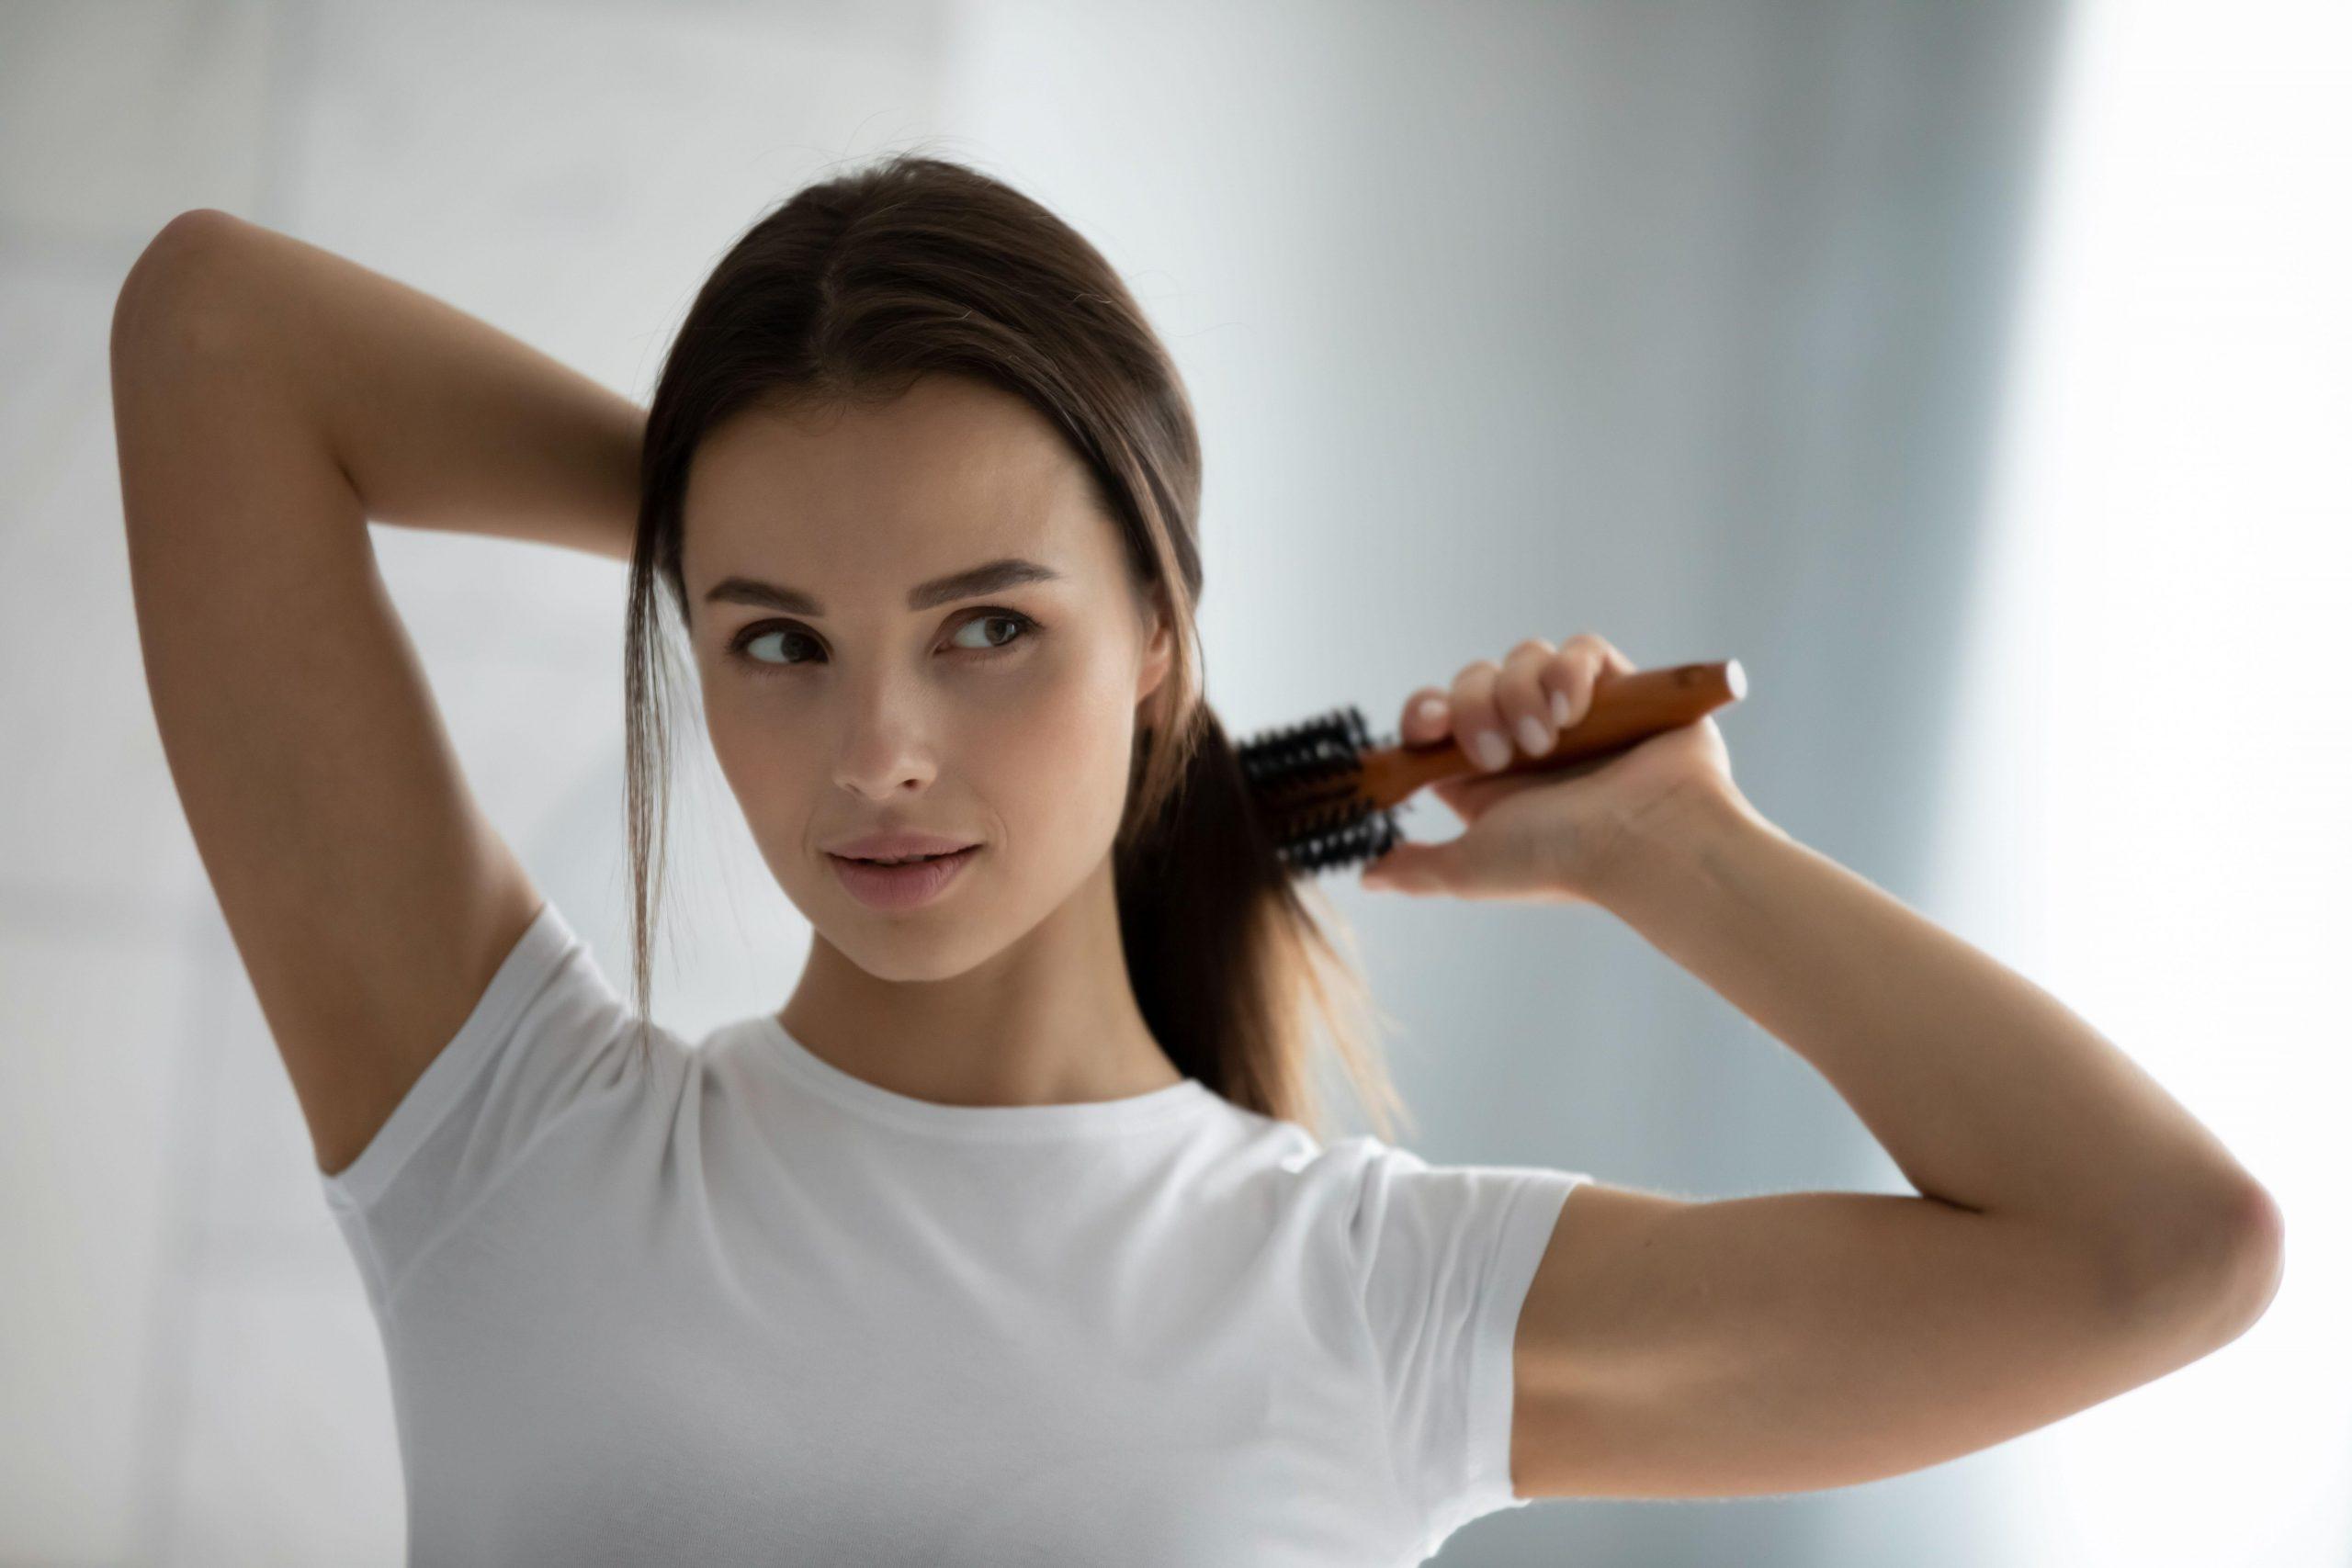 Jeune femme se brossant les cheveux dans la salle de bain avant de se laver